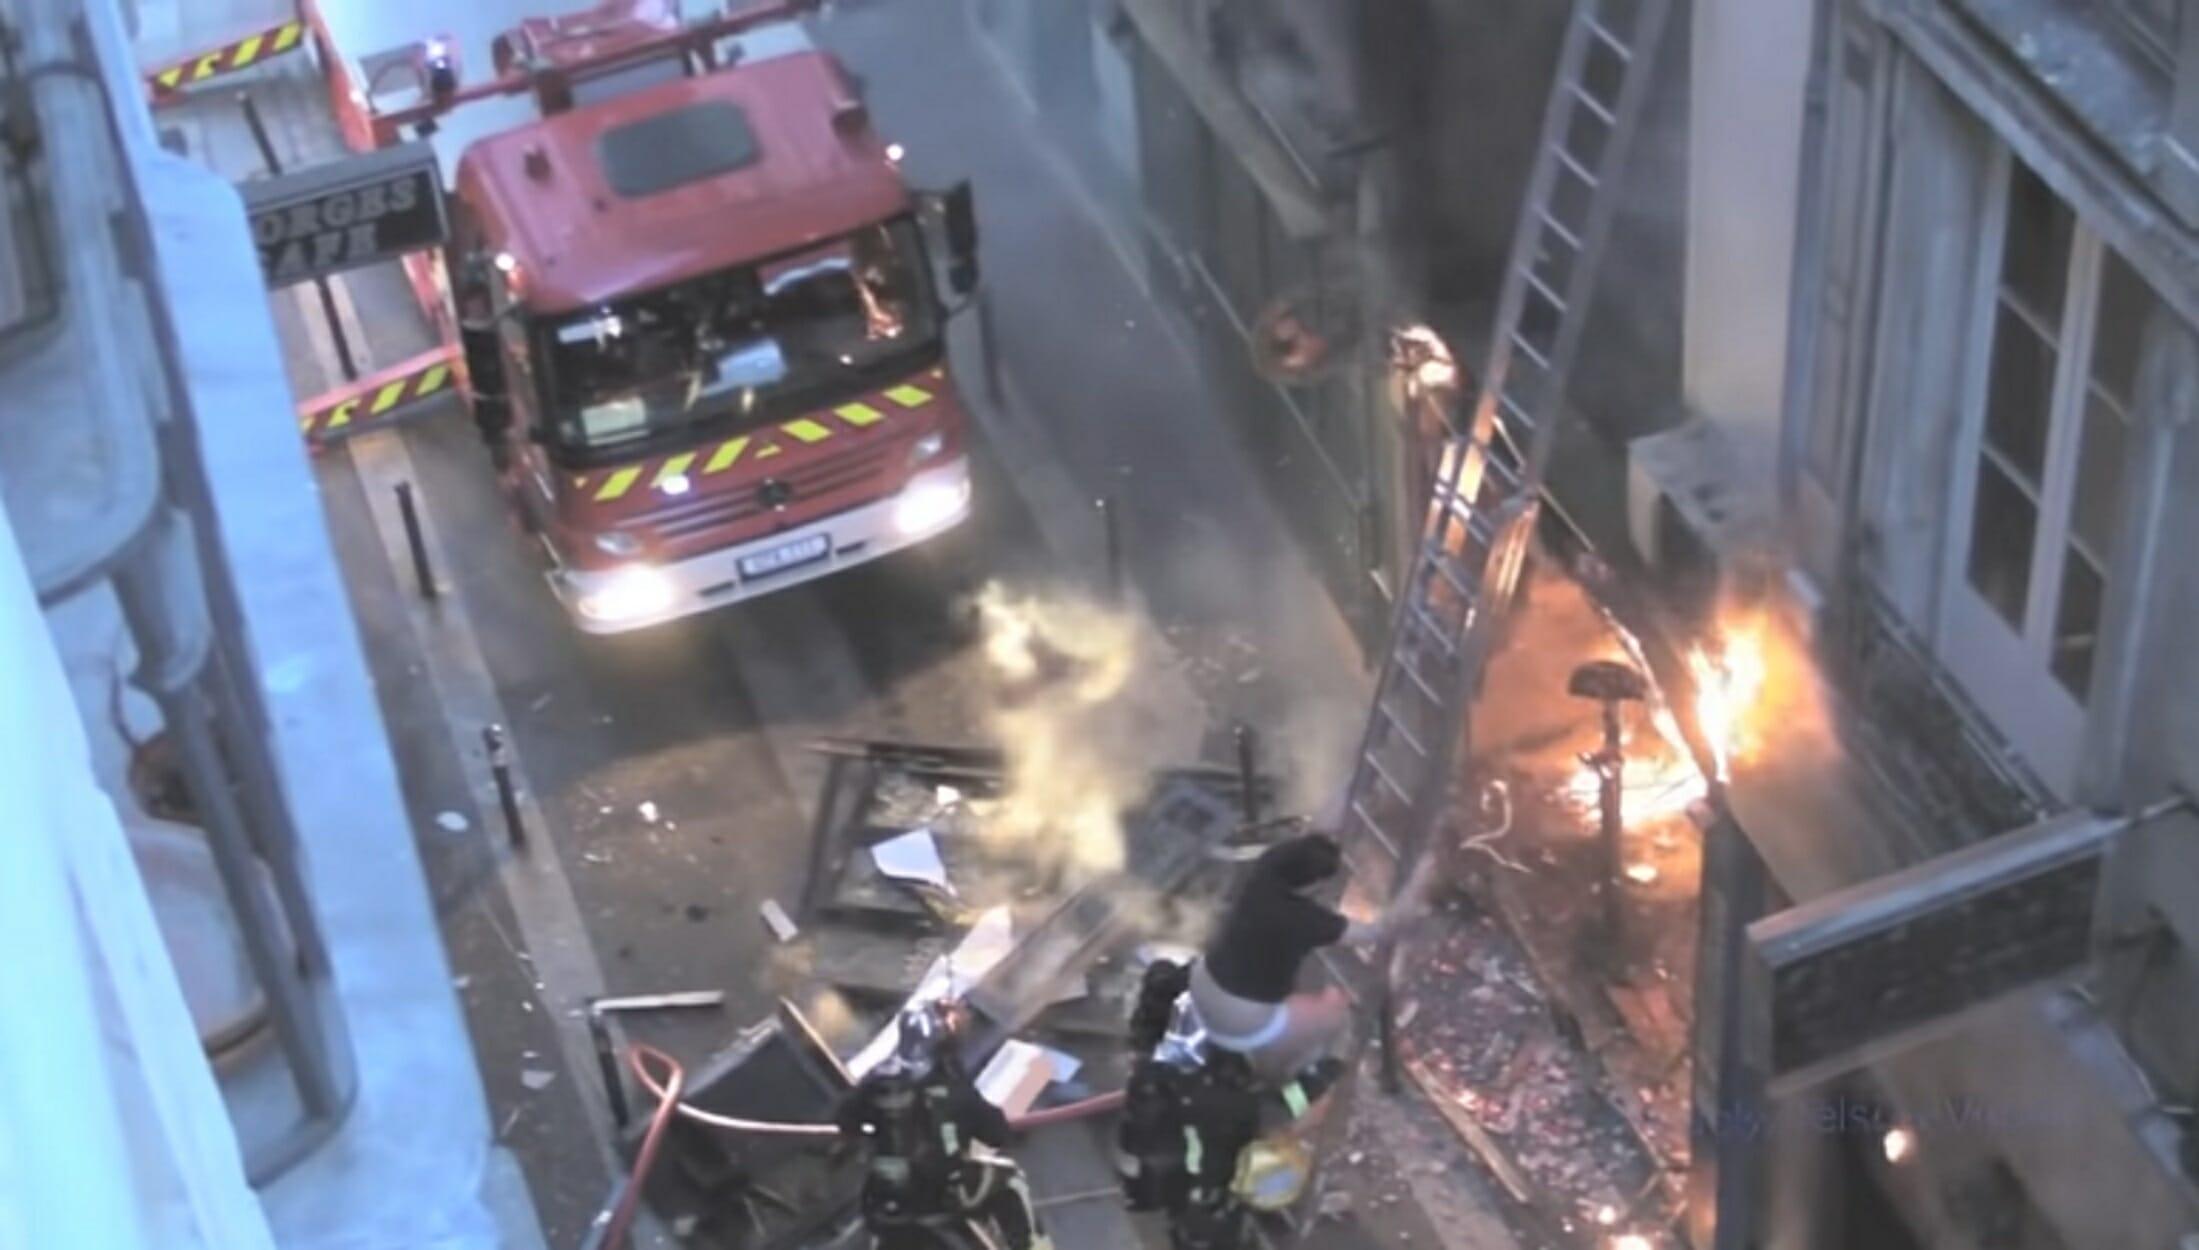 Στρασβούργο: Πέντε νεκροί και επτά τραυματίες από φωτιά σε πολυκατοικία